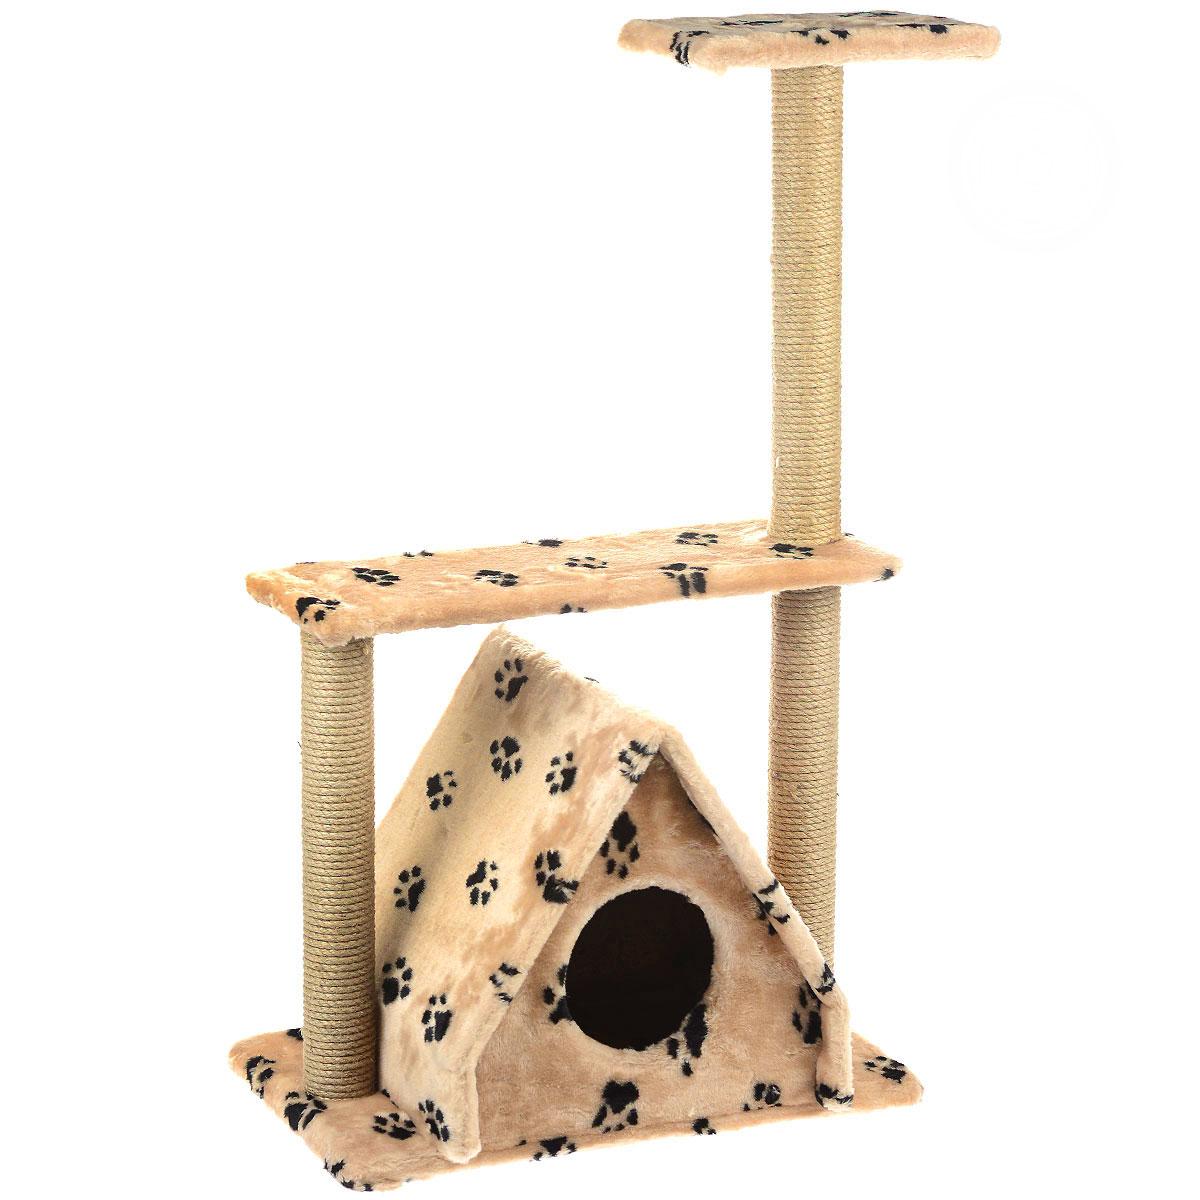 Домик для кошек Пушок Избушка, с тремя когтеточками, цвет: бежевый4640000931087_бежевый со следамиБольшой, уютный домик Пушок Избушка, изготовленный из ДСП, сизаля и искусственного меха, отлично подойдет для котят и взрослых кошек. Такой домик станет не только идеальным местом для подвижных игр вашего любимца, но и местом для отдыха. Благодаря трем столбикам-когтеточкам, обернутым веревками из сизаля, ваша кошка удовлетворит природную потребность точить когти, что поможет сохранить вашу мебель и ковры. Для приучения любимца к когтеточке можно натереть ее сухой валерьянкой или кошачьей мятой. Размер основания: 61 см х 37 см. Высота домика (без когтеточек): 43 см. Общая высота: 105 см.